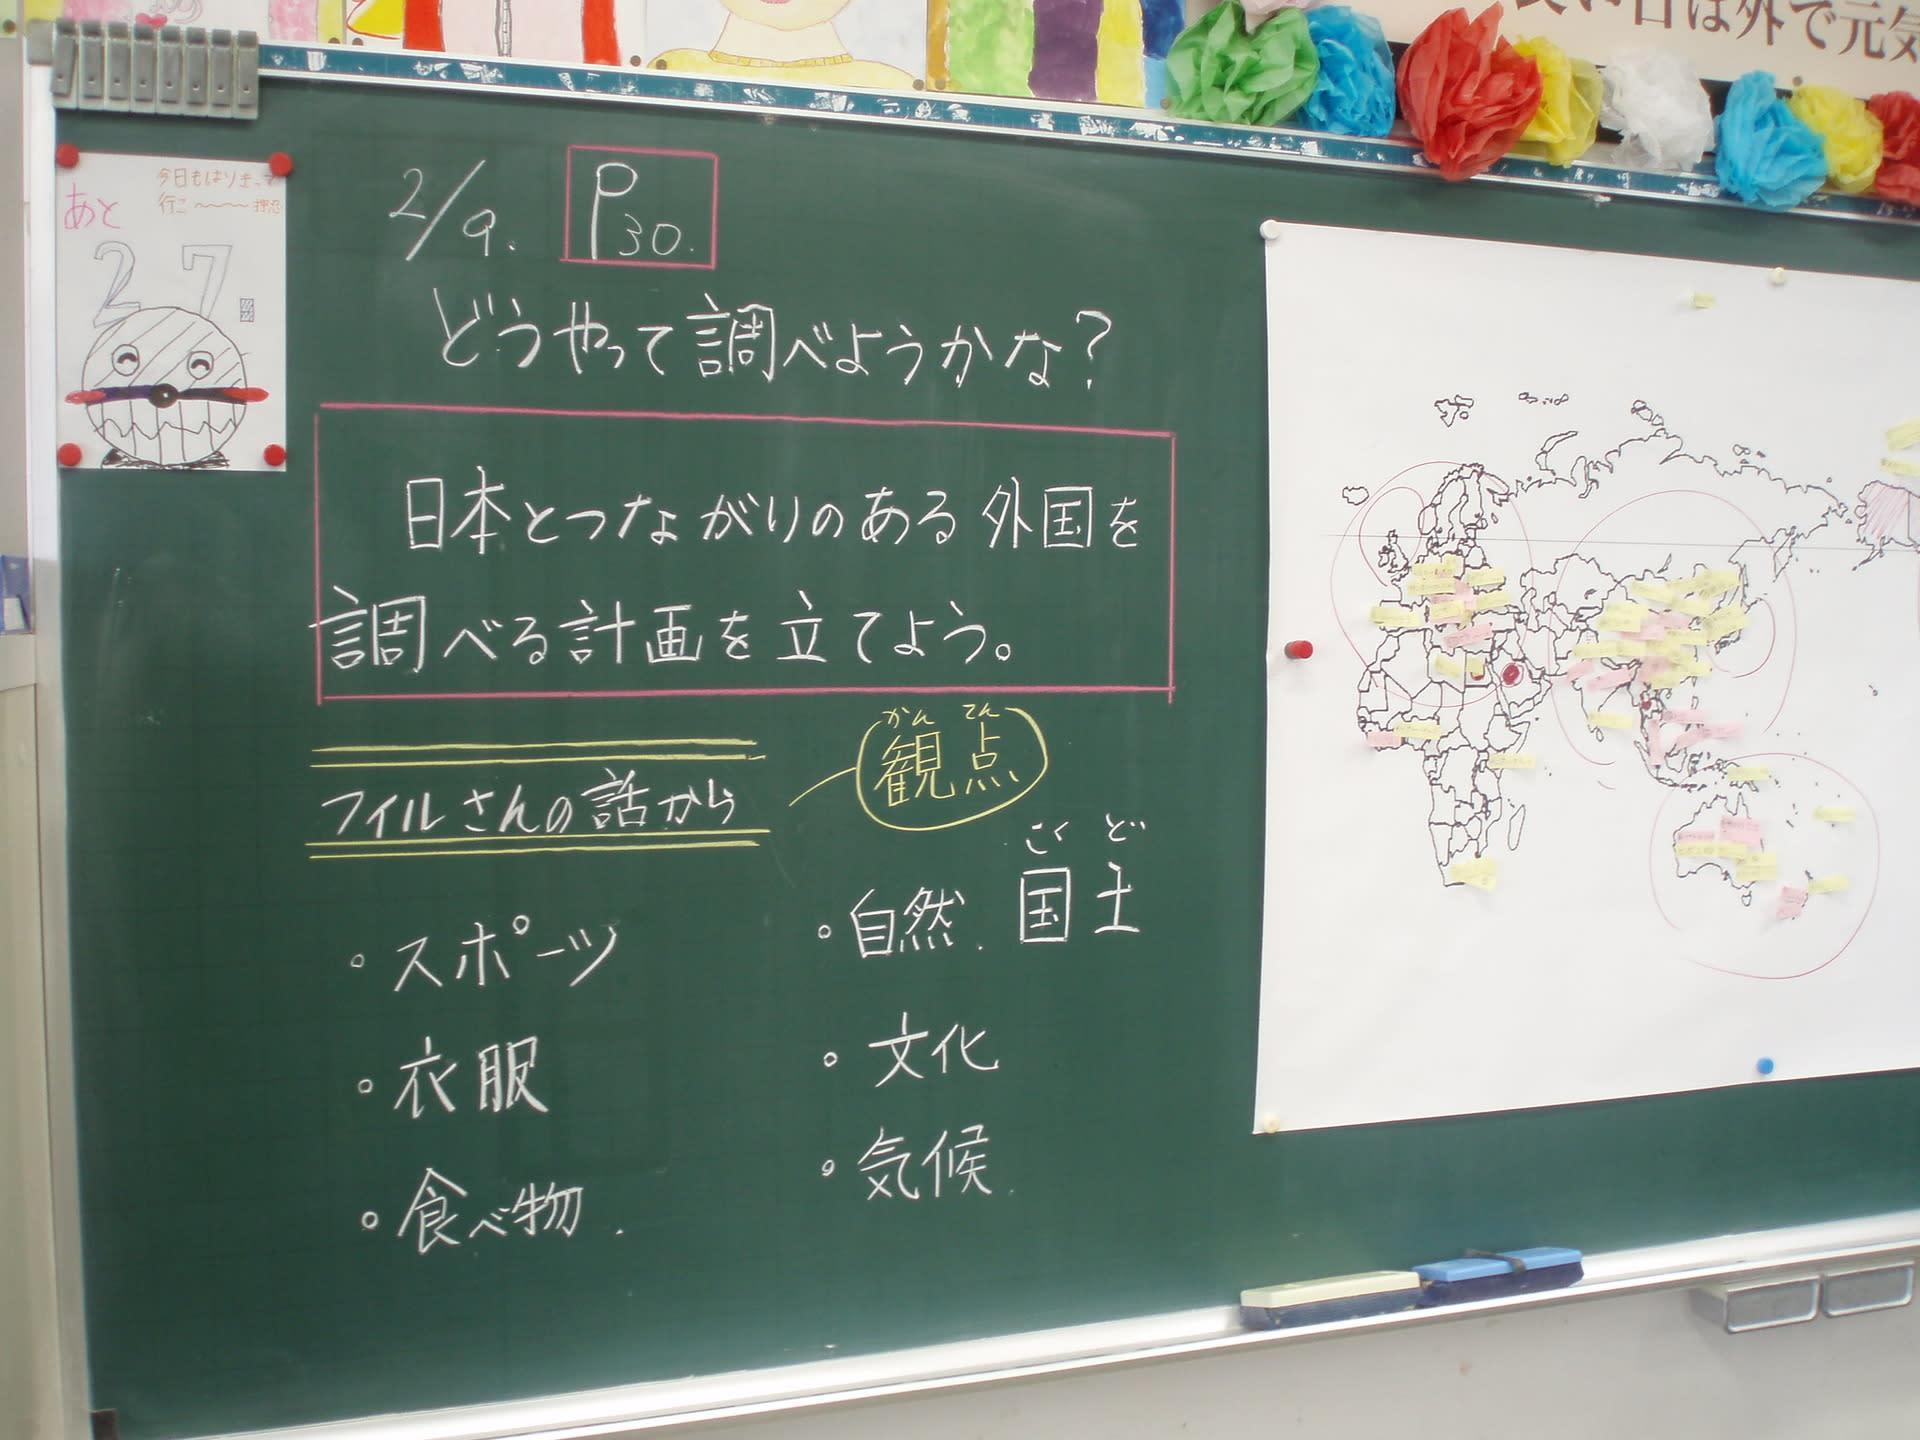 つながり アメリカ と 日本 の